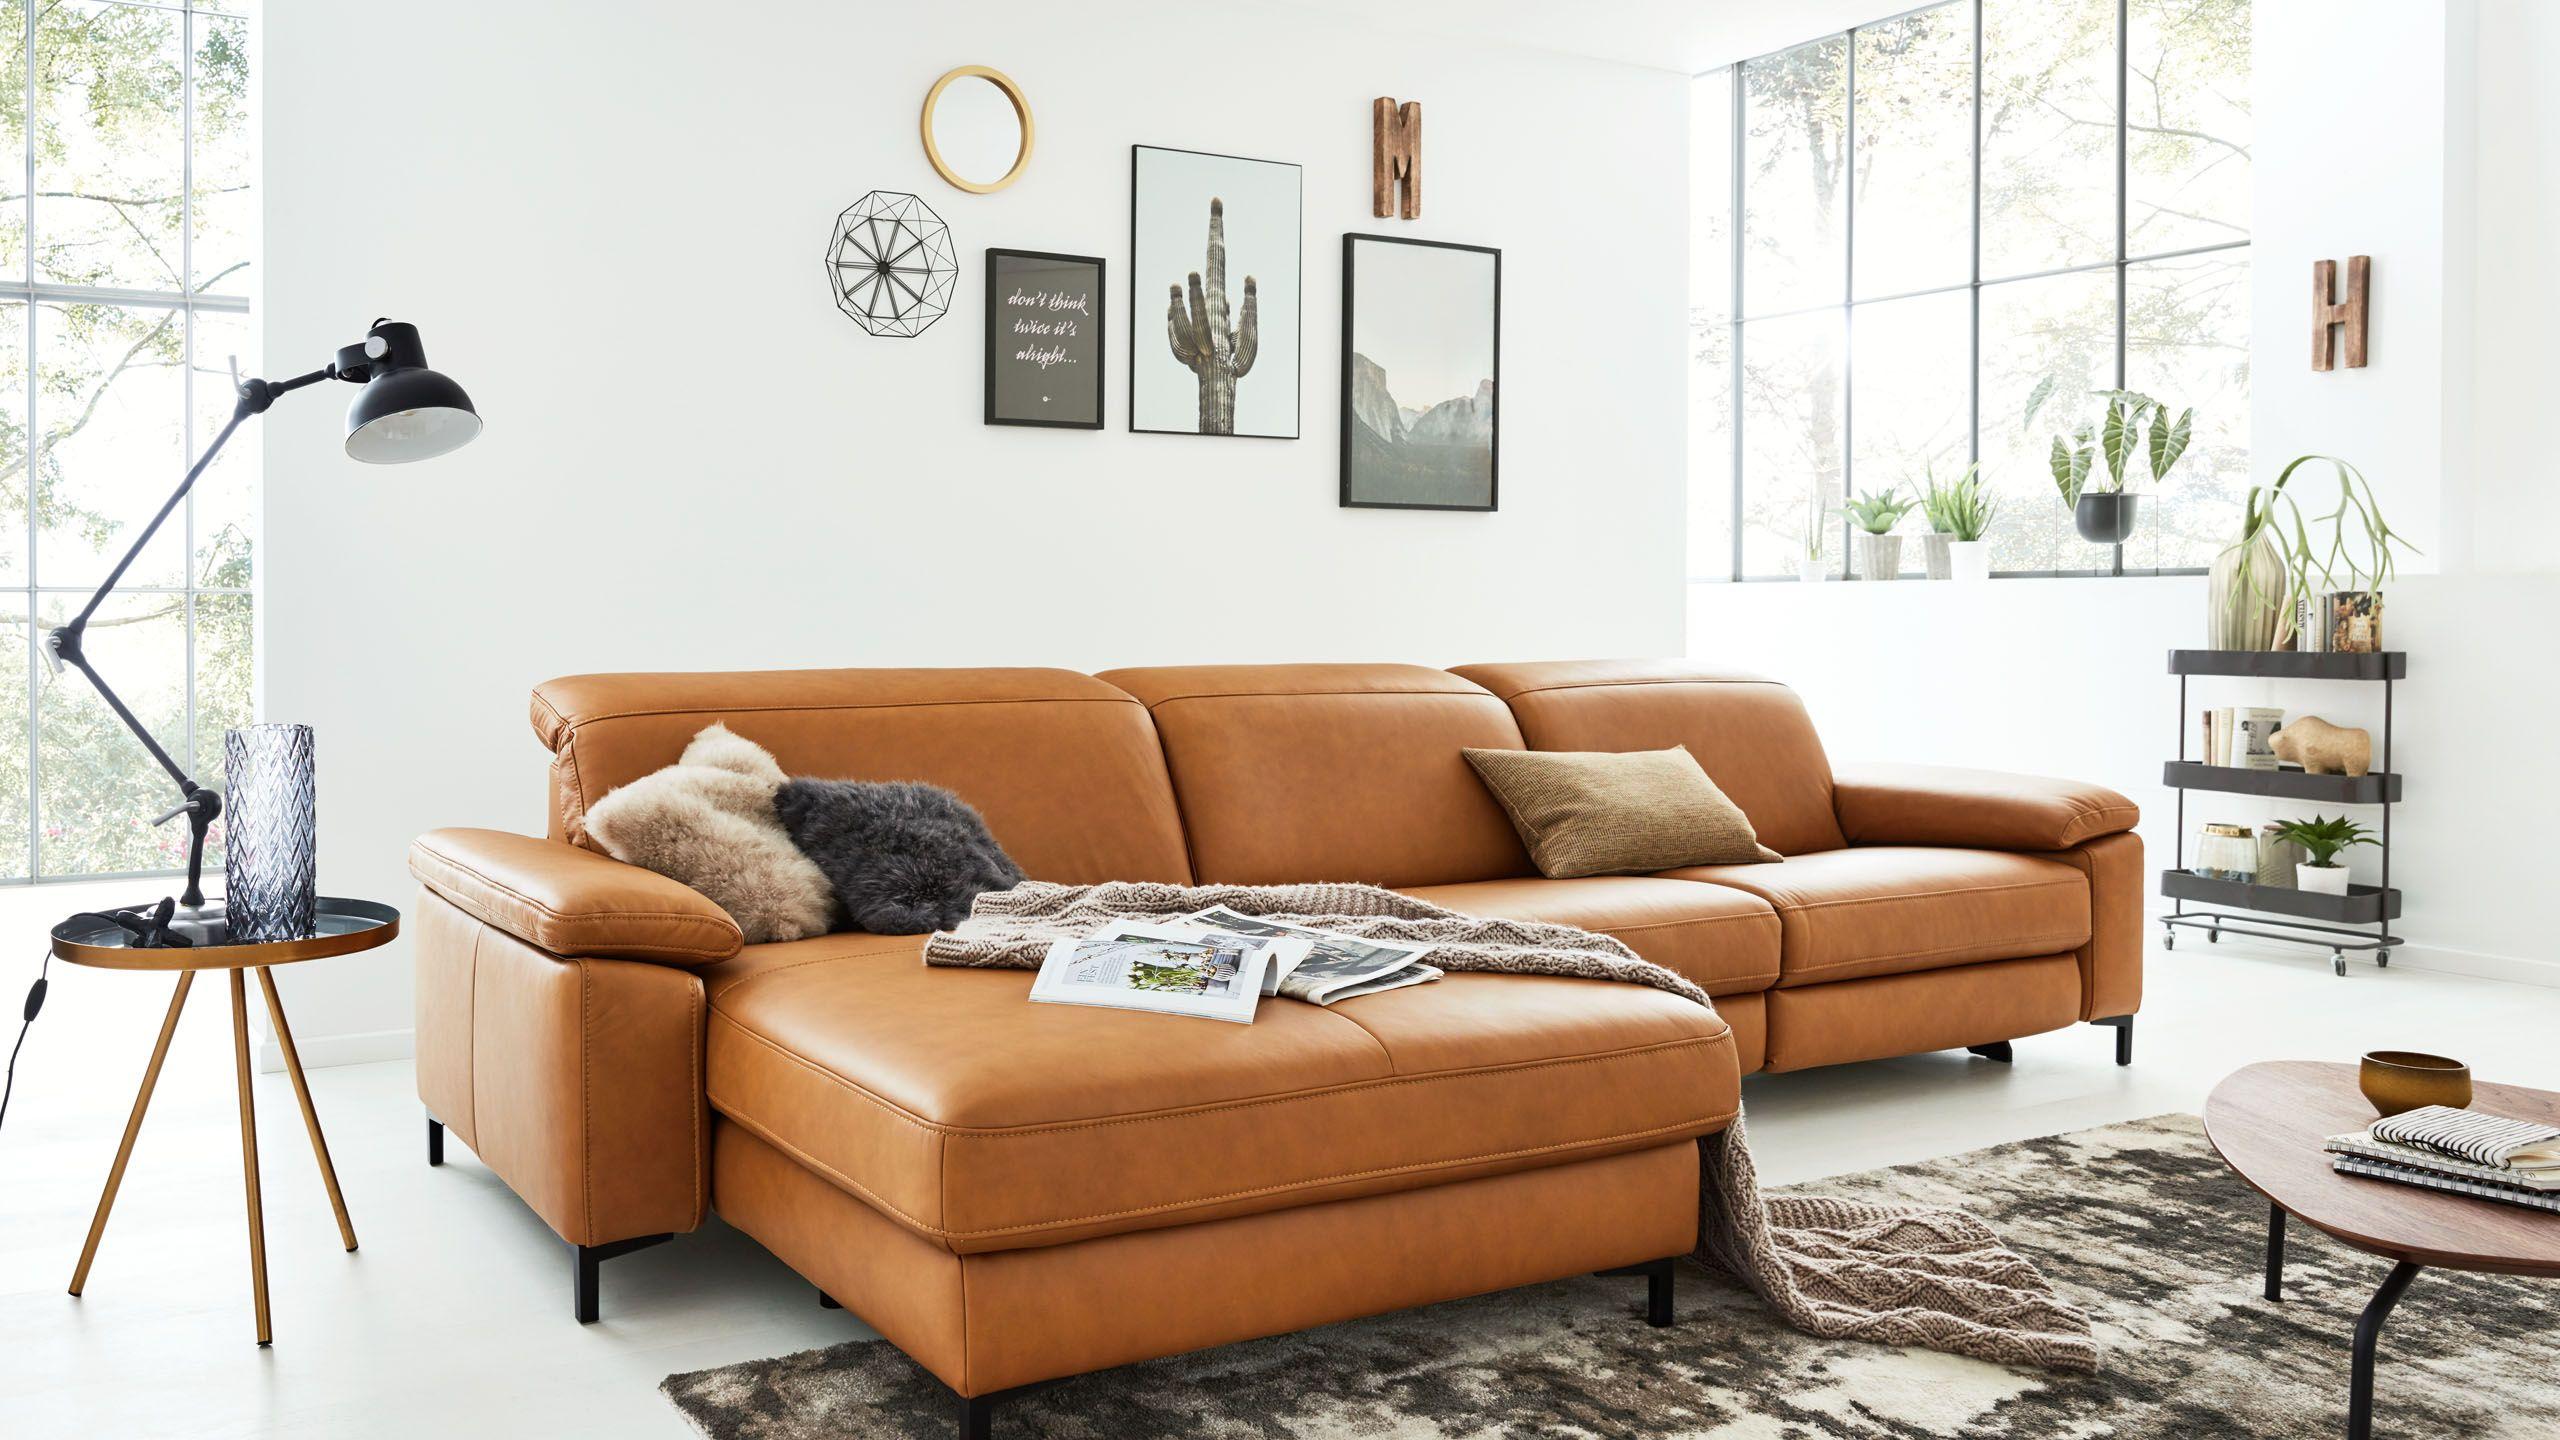 Sofa Serie 4054 In 2020 Mit Bildern Sofa Sessel Zuhause Wohnzimmer